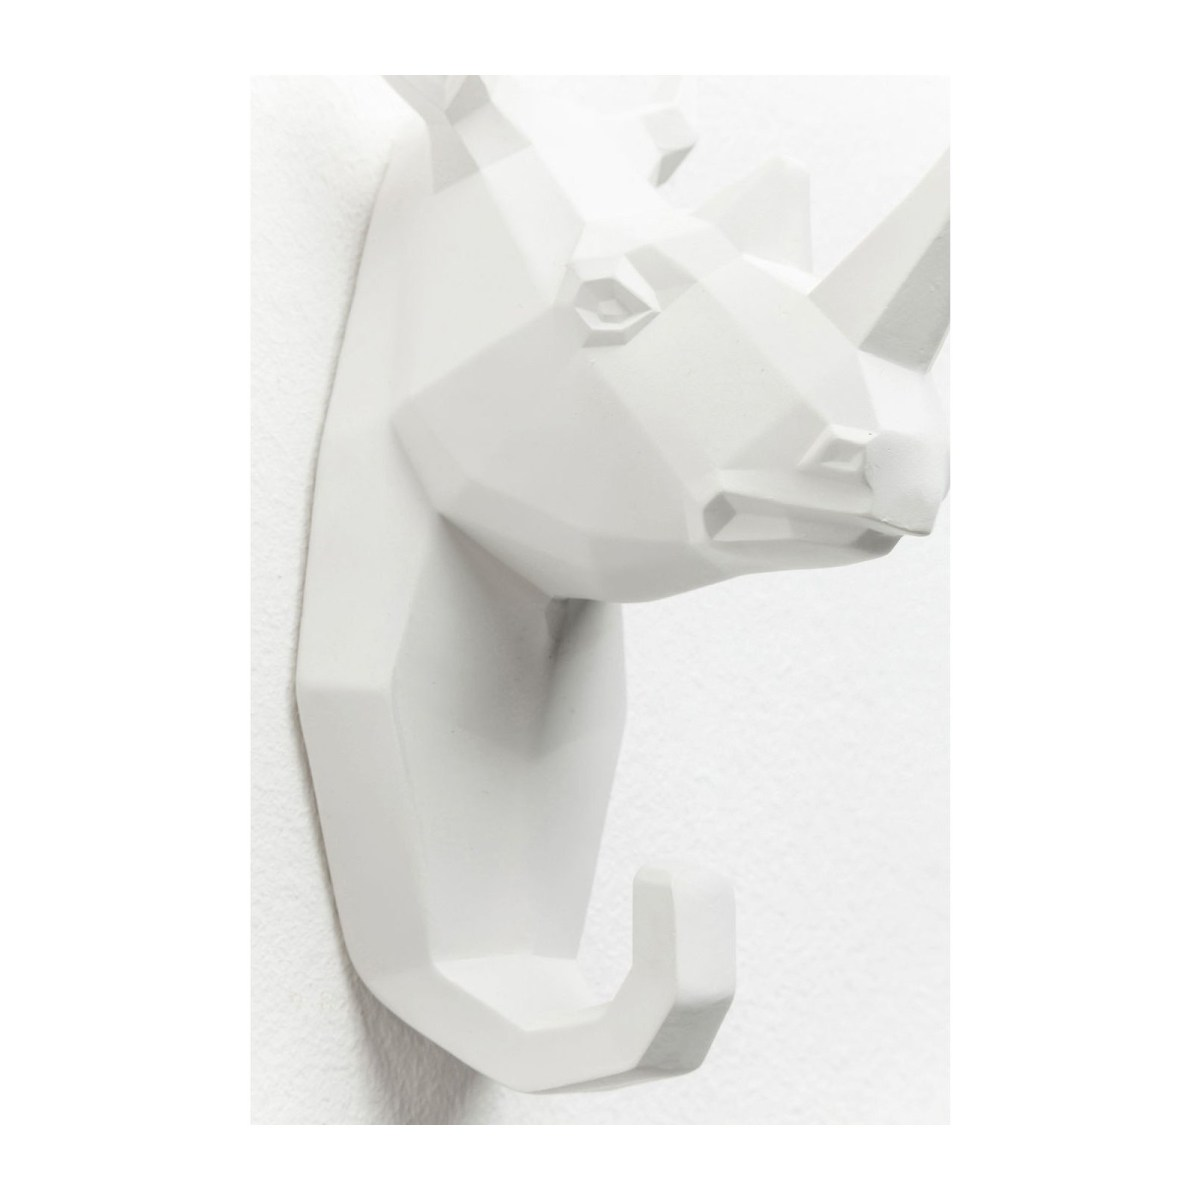 Soldes Kare Design Maison > Petit rangement > Porte-manteau, patère Portemanteau Rhino blanc Kare Design